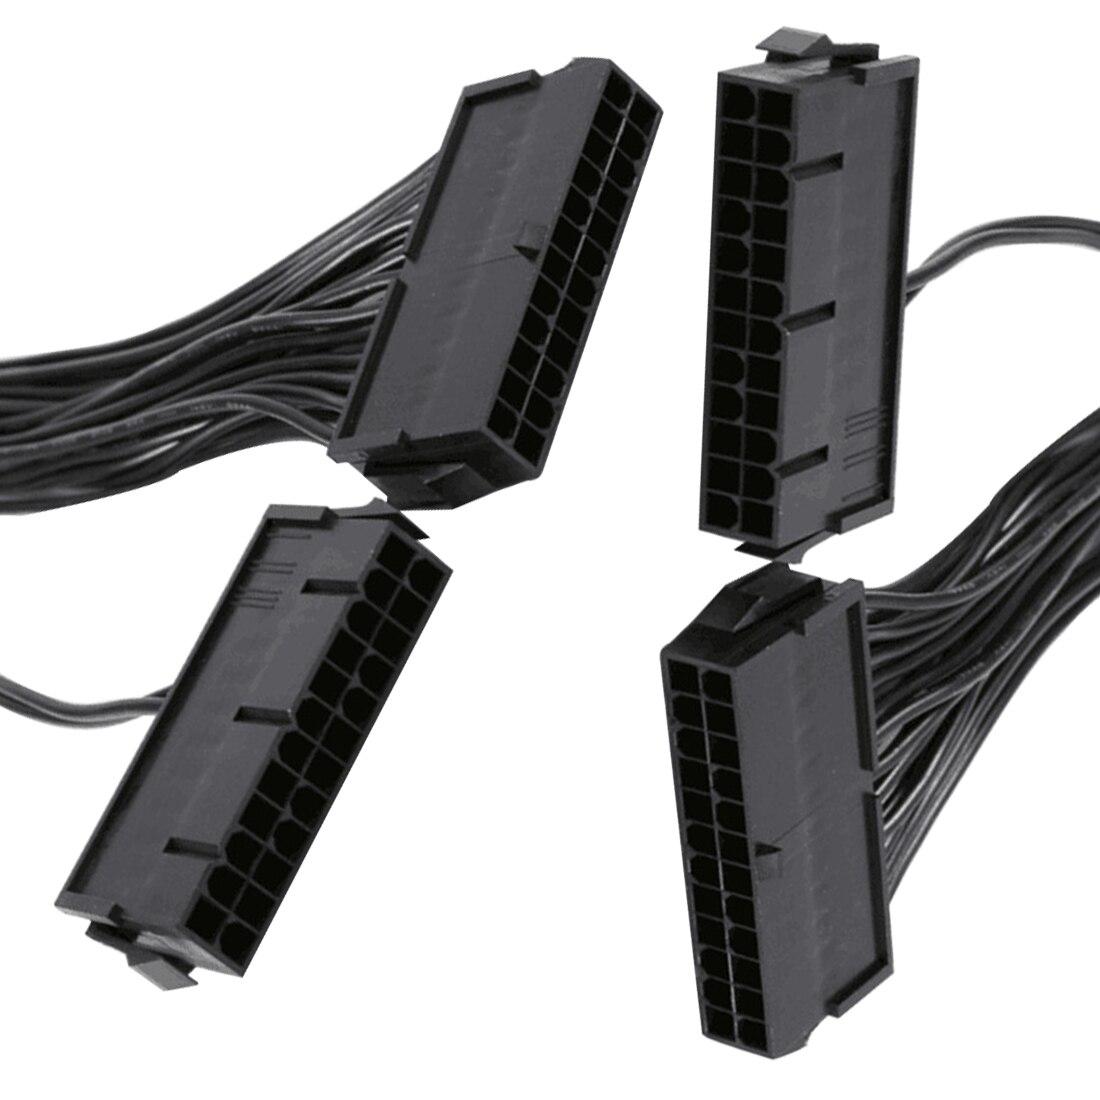 Dewtreetali 24Pin mining двойной PSU адаптер ATX Питание кабельный разъем для добычи 30 см 20 + 4PIN Автомобиль Электронные аксессуары